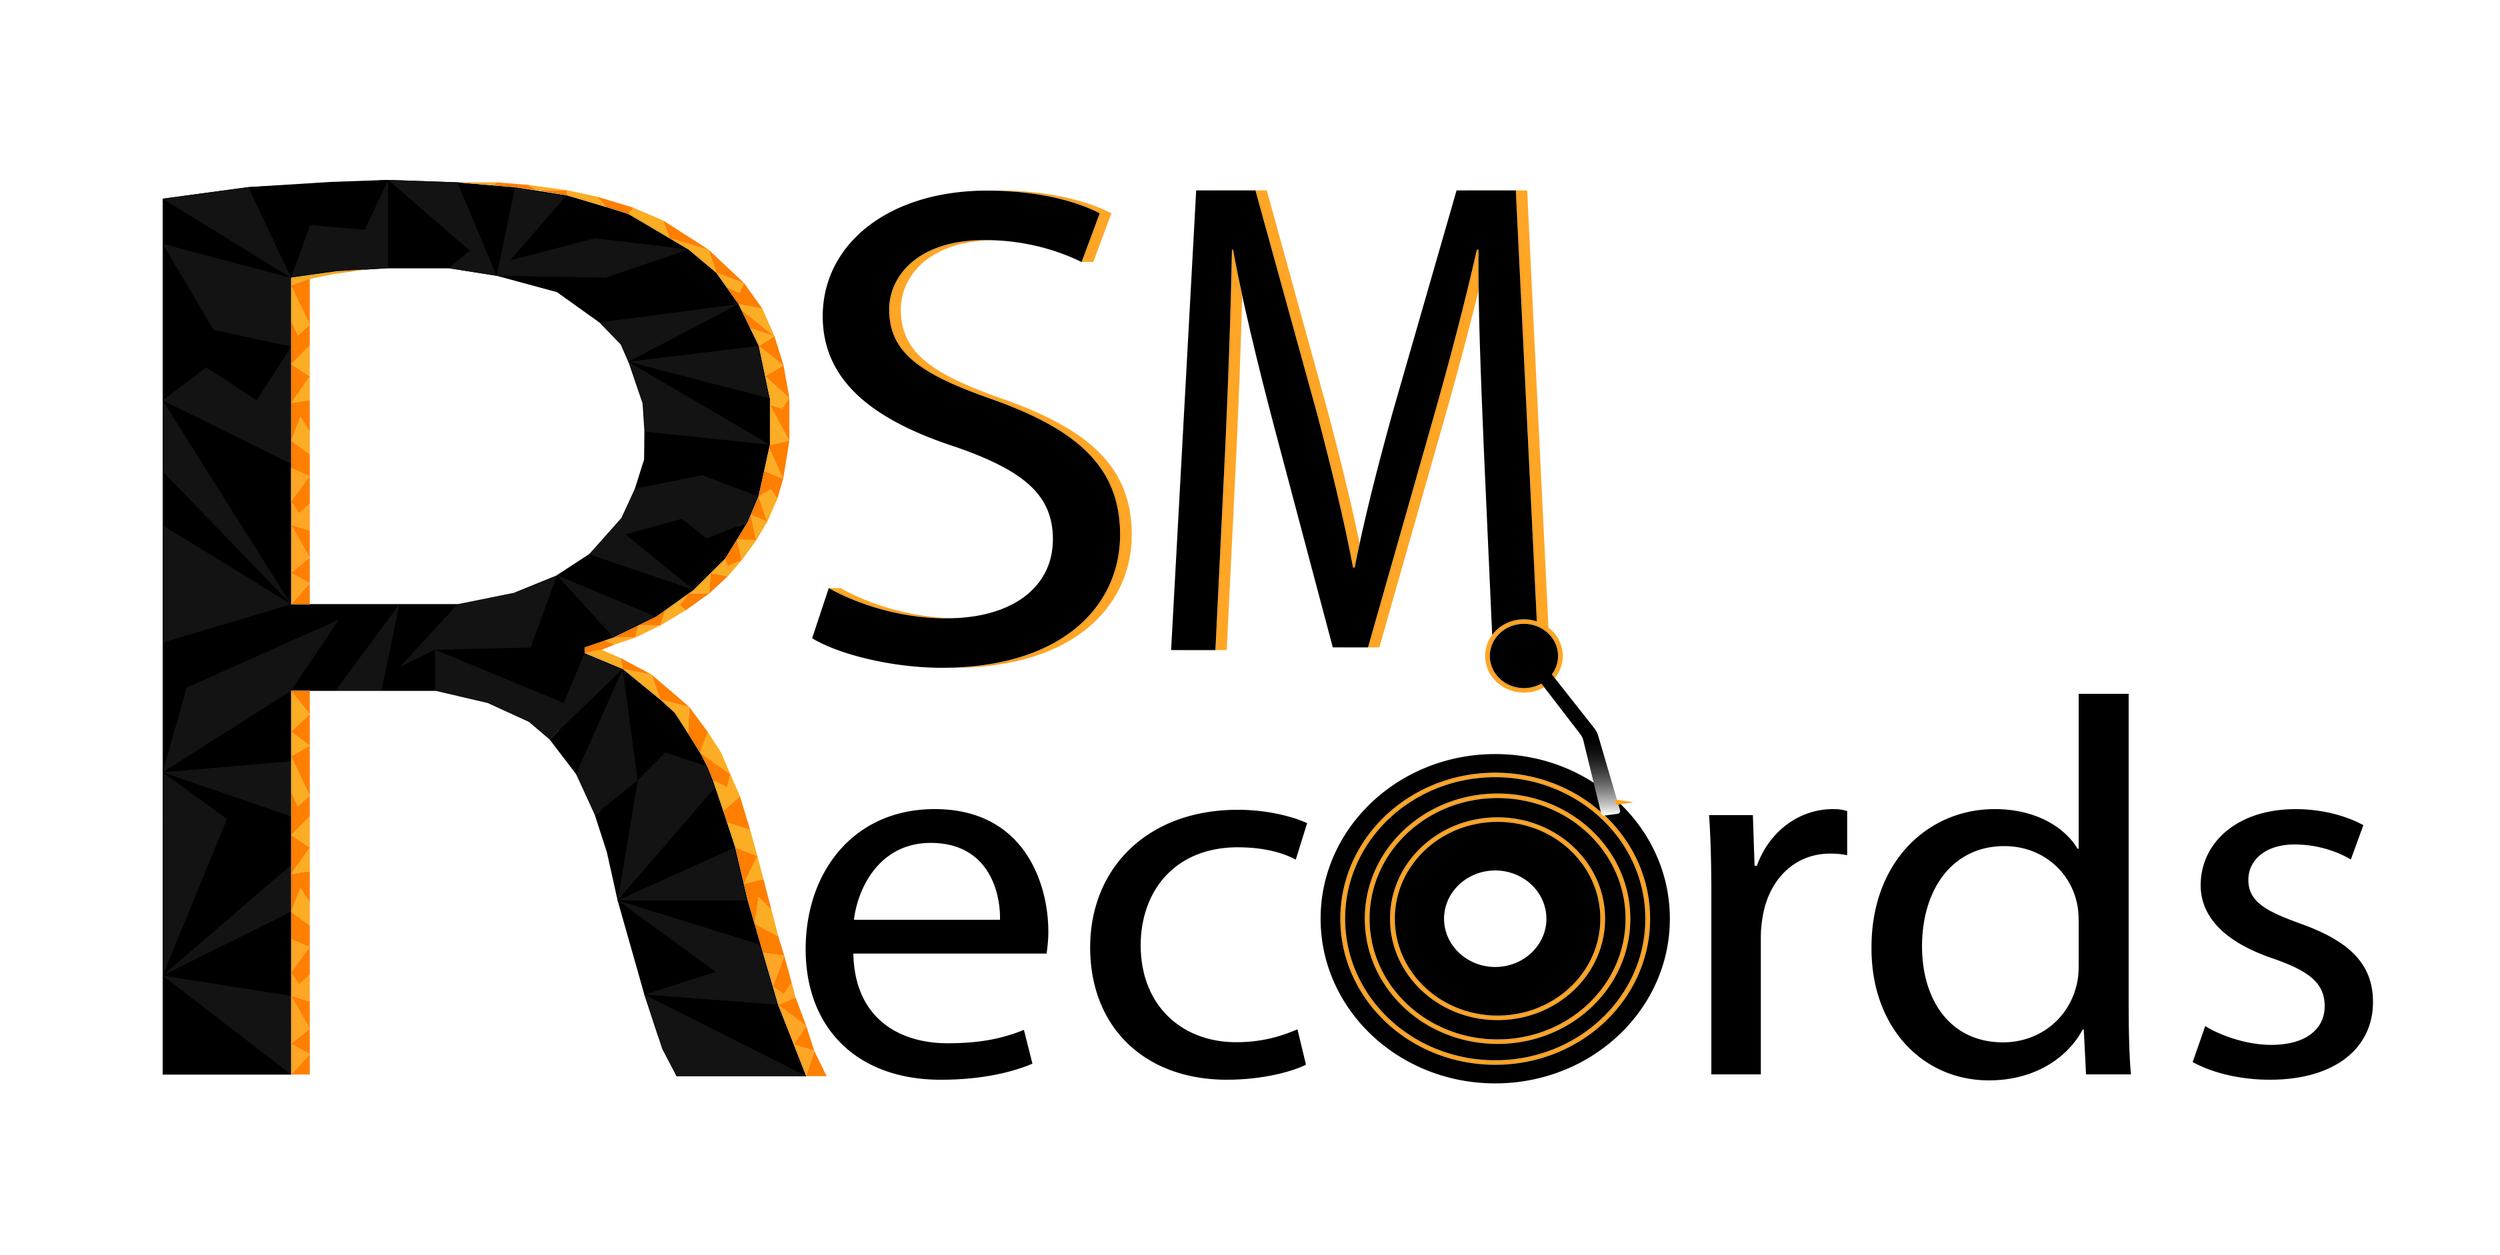 rob.rsmrecords@gmail.com